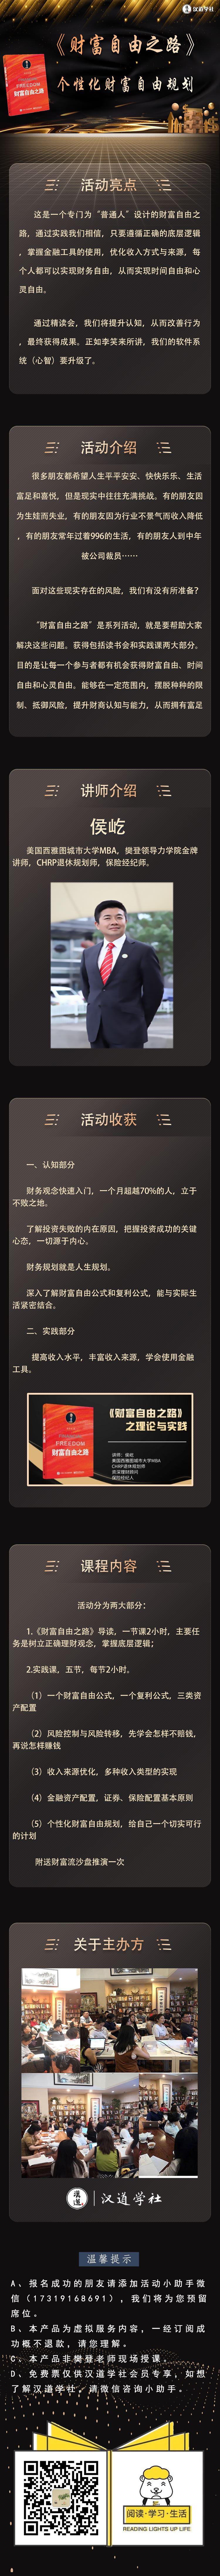 长-汉道-个性化财富自由规划.jpg